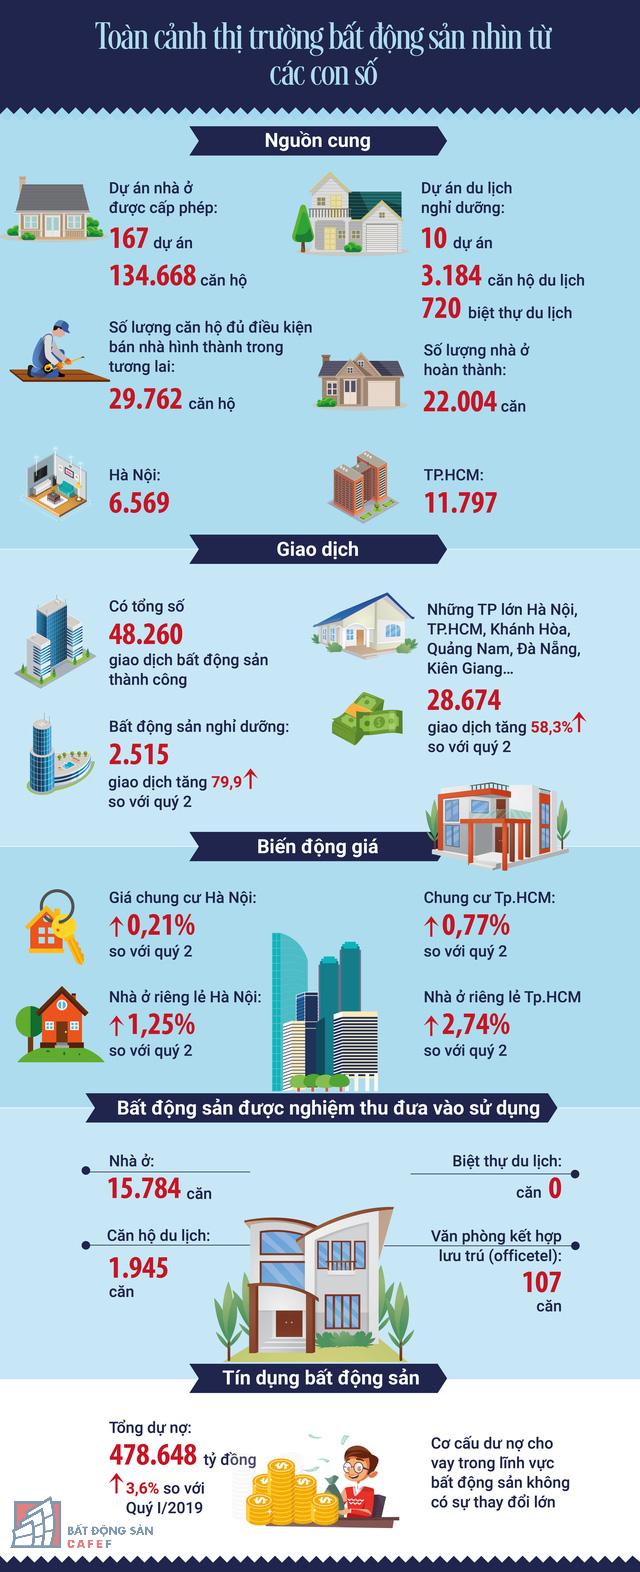 Bộ Xây dựng lần đầu tiên công bố thông tin số liệu về thị trường bất động sản - Ảnh 1.